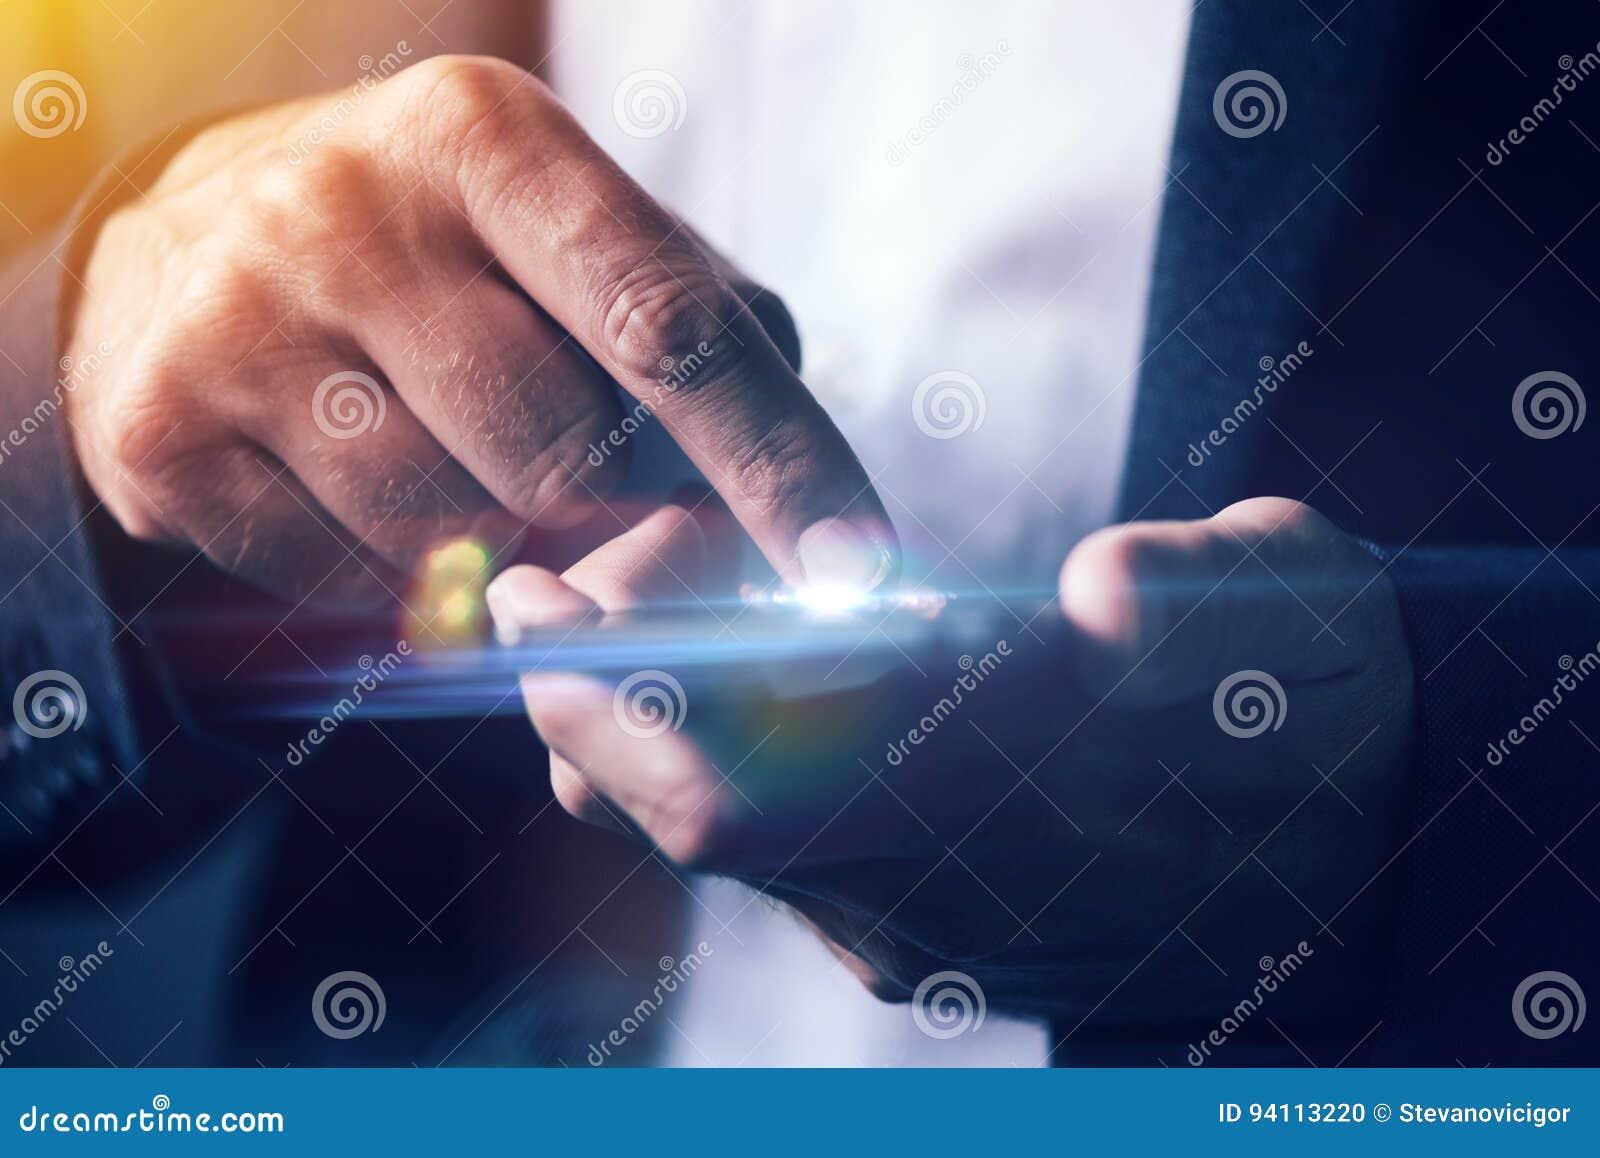 Come fare se il touchscreen non funziona - Lettera43 Come Fare